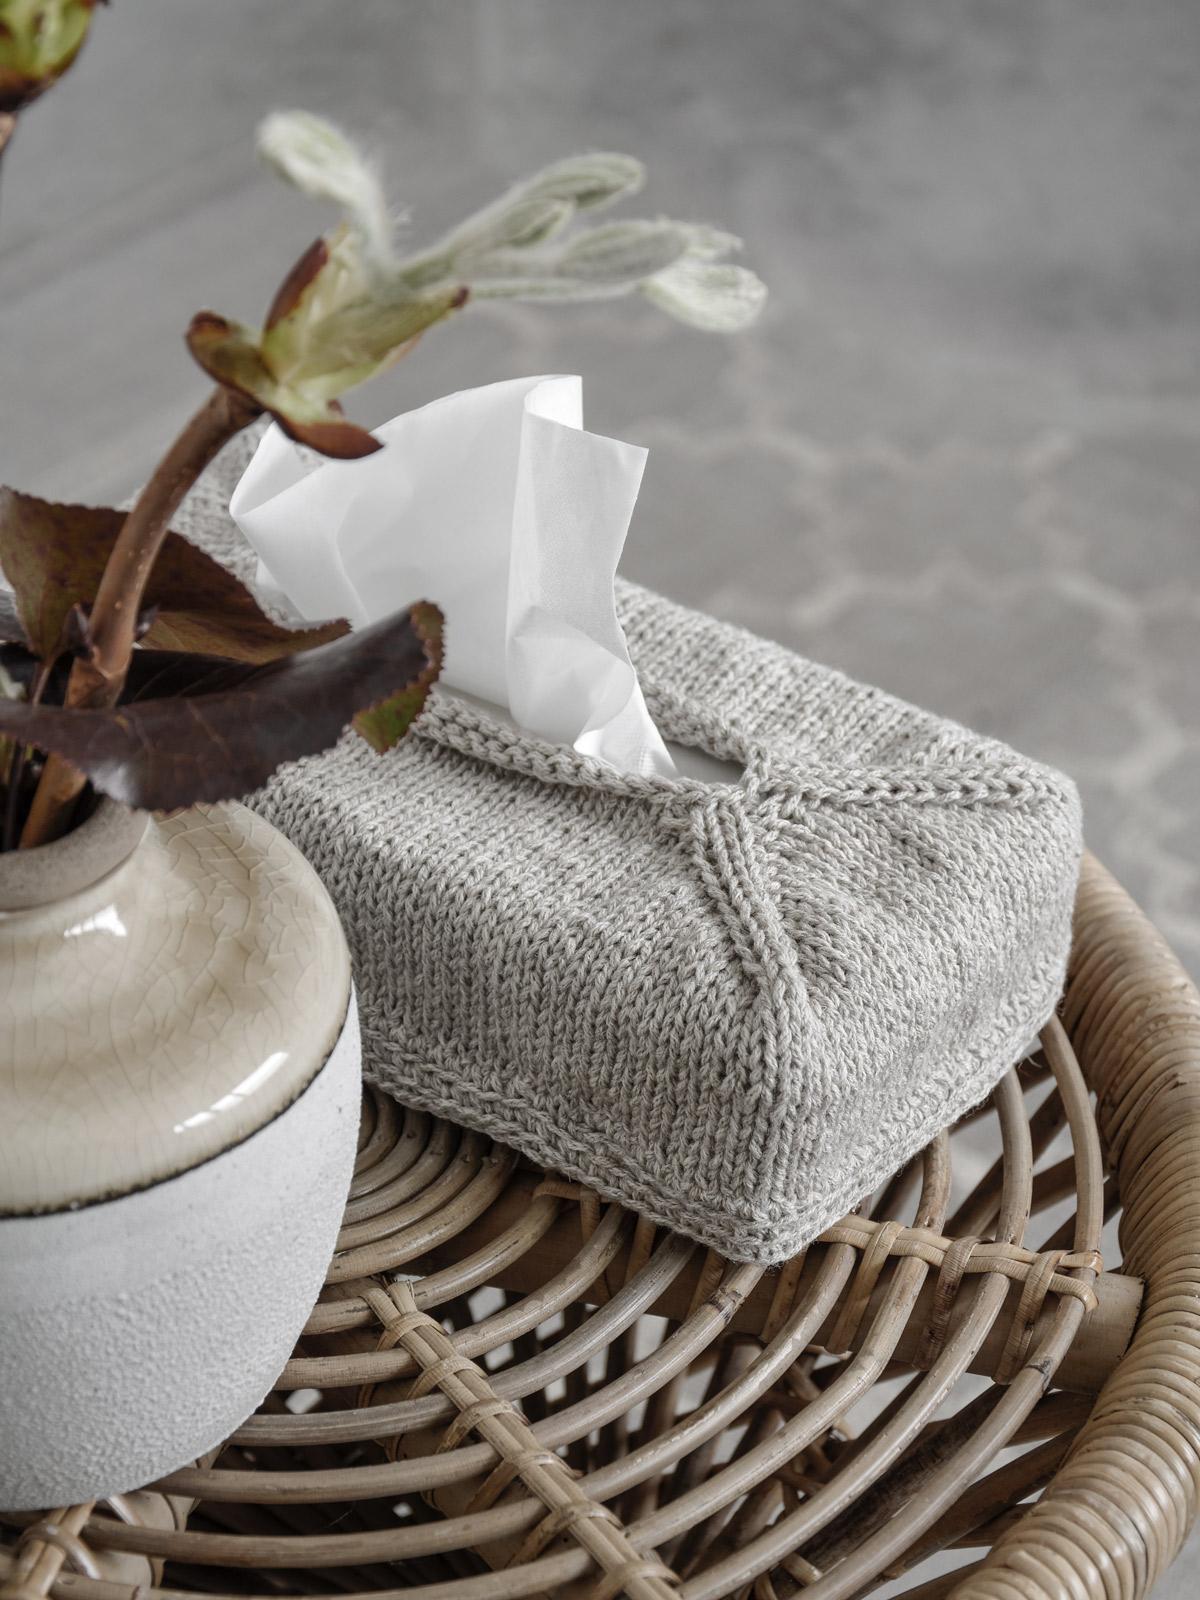 mxliving blog diy wohnen viele ideen zum selbermachen shopping und geschenketipps und. Black Bedroom Furniture Sets. Home Design Ideas